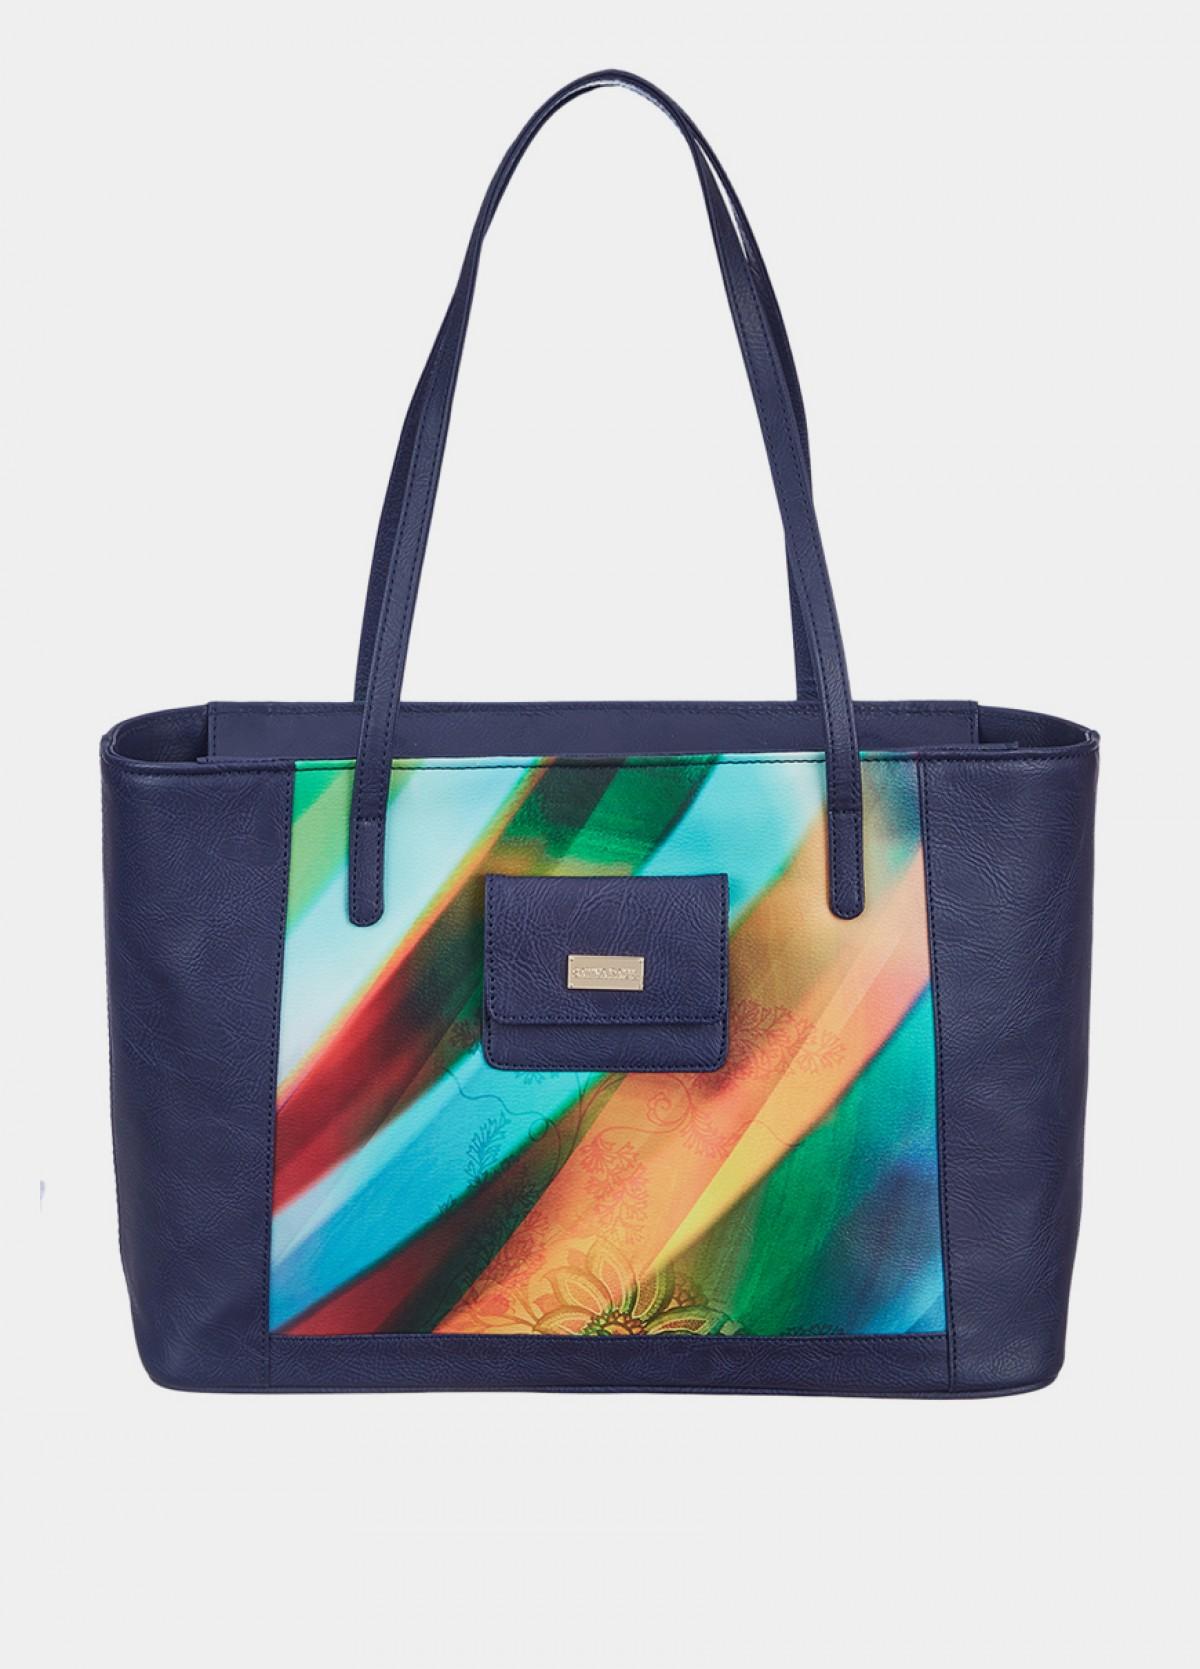 The Printed Tote Bag